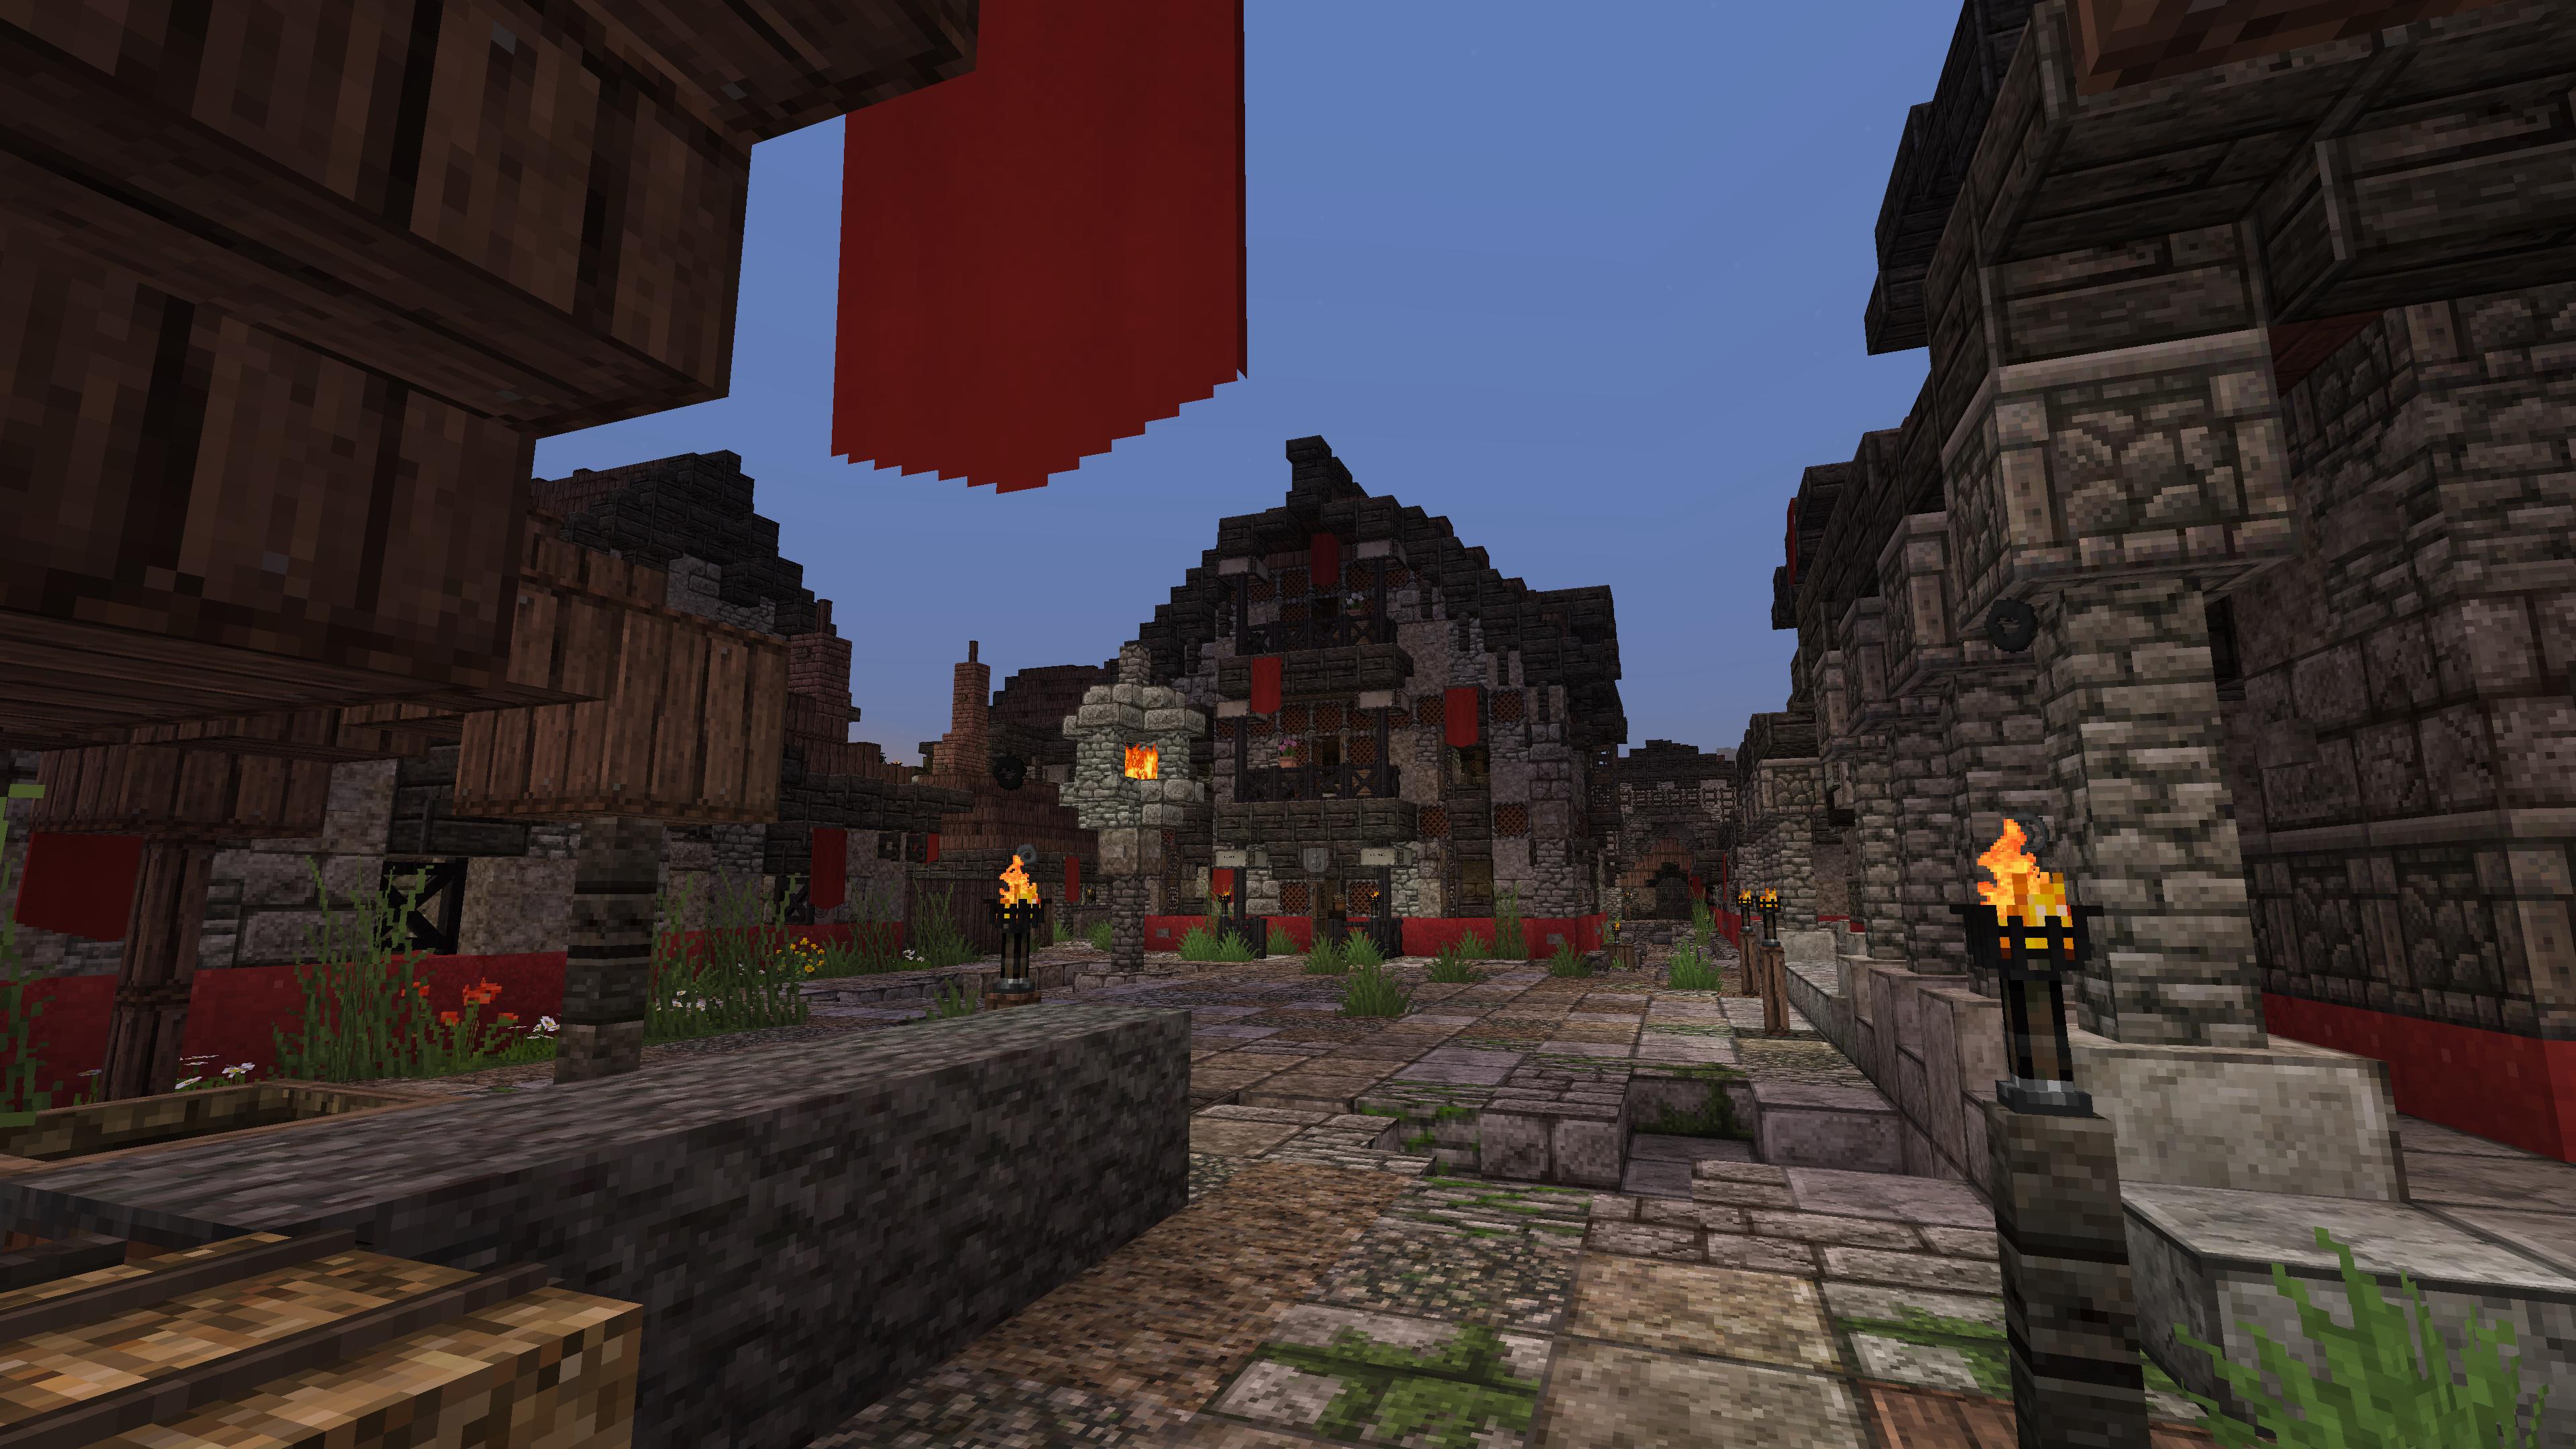 javaw 2017-08-29 22-22-17-679.jpg - Minecraft